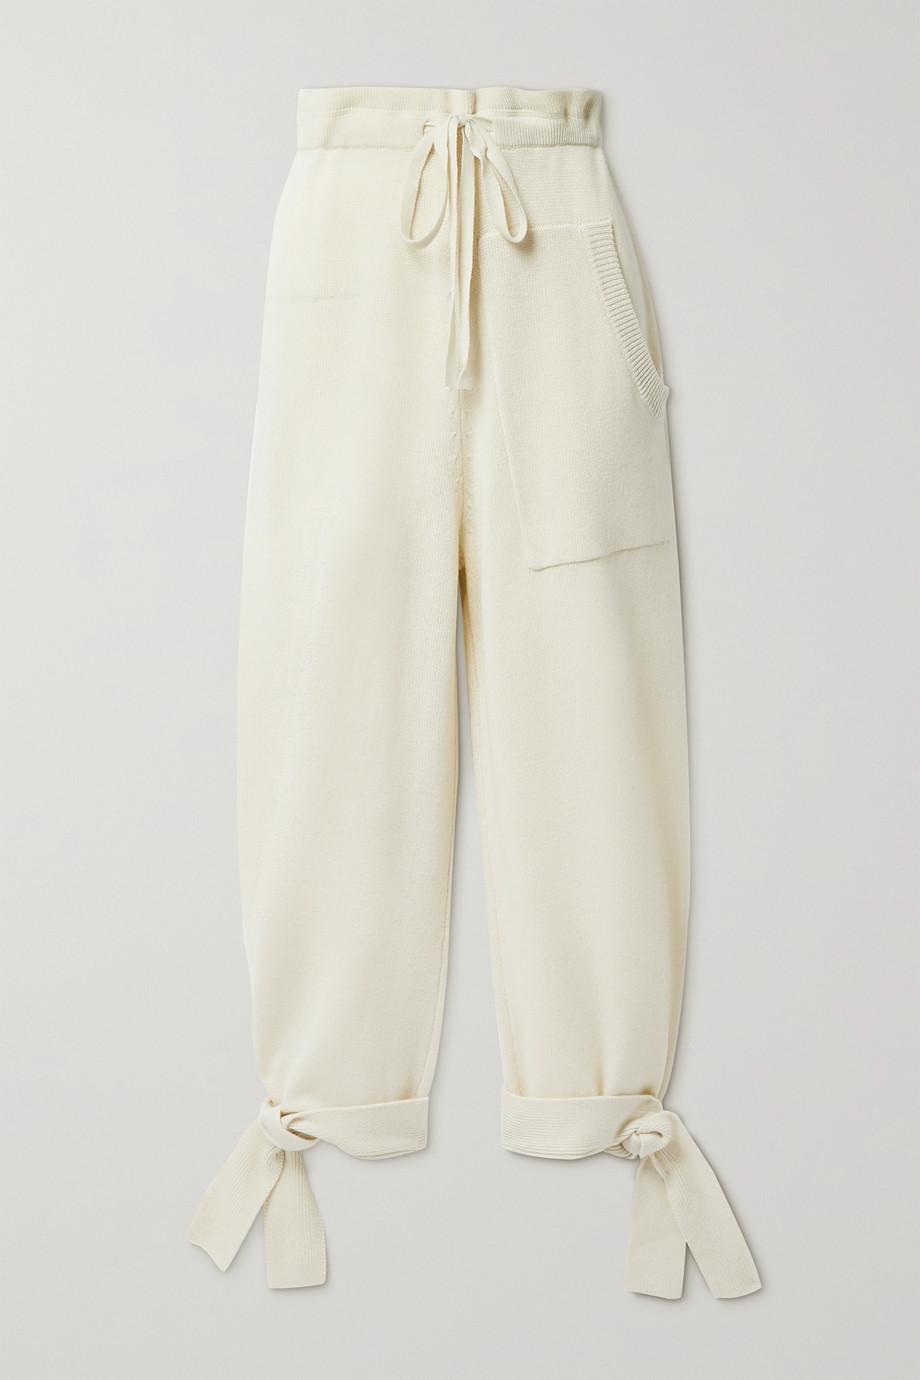 Tibi Cashmere track pants